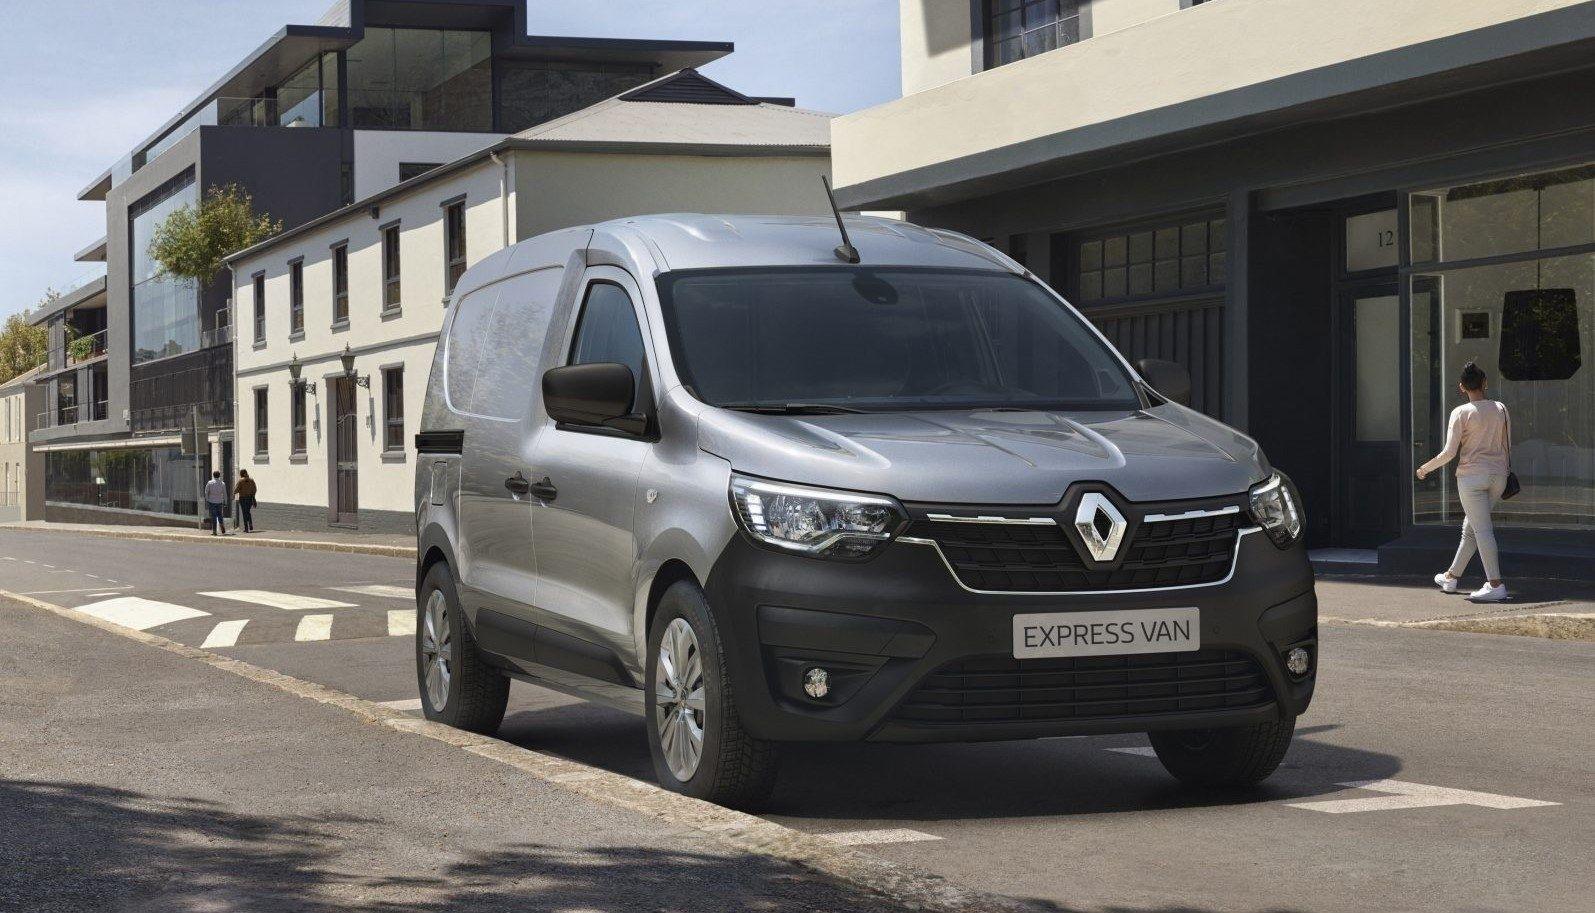 Renault express bestelwagen